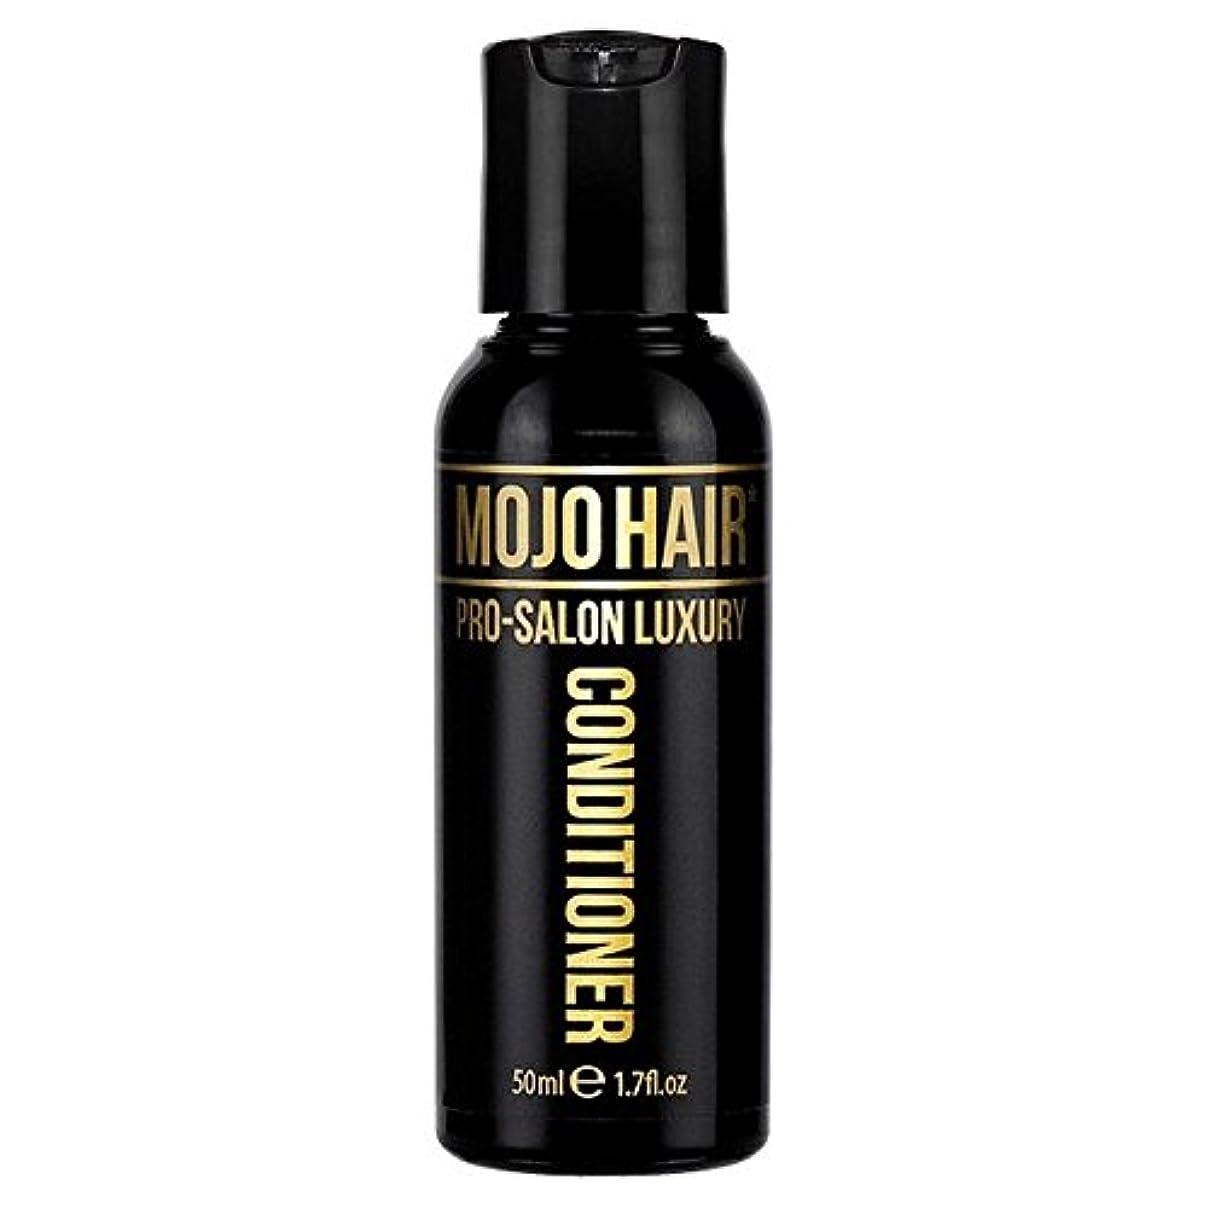 締め切りアルコールエキゾチック男性のためのモジョの毛プロのサロンの贅沢な香りコンディショナー、トラベルサイズの50ミリリットル x4 - MOJO HAIR Pro-Salon Luxury Fragrance Conditioner for Men...